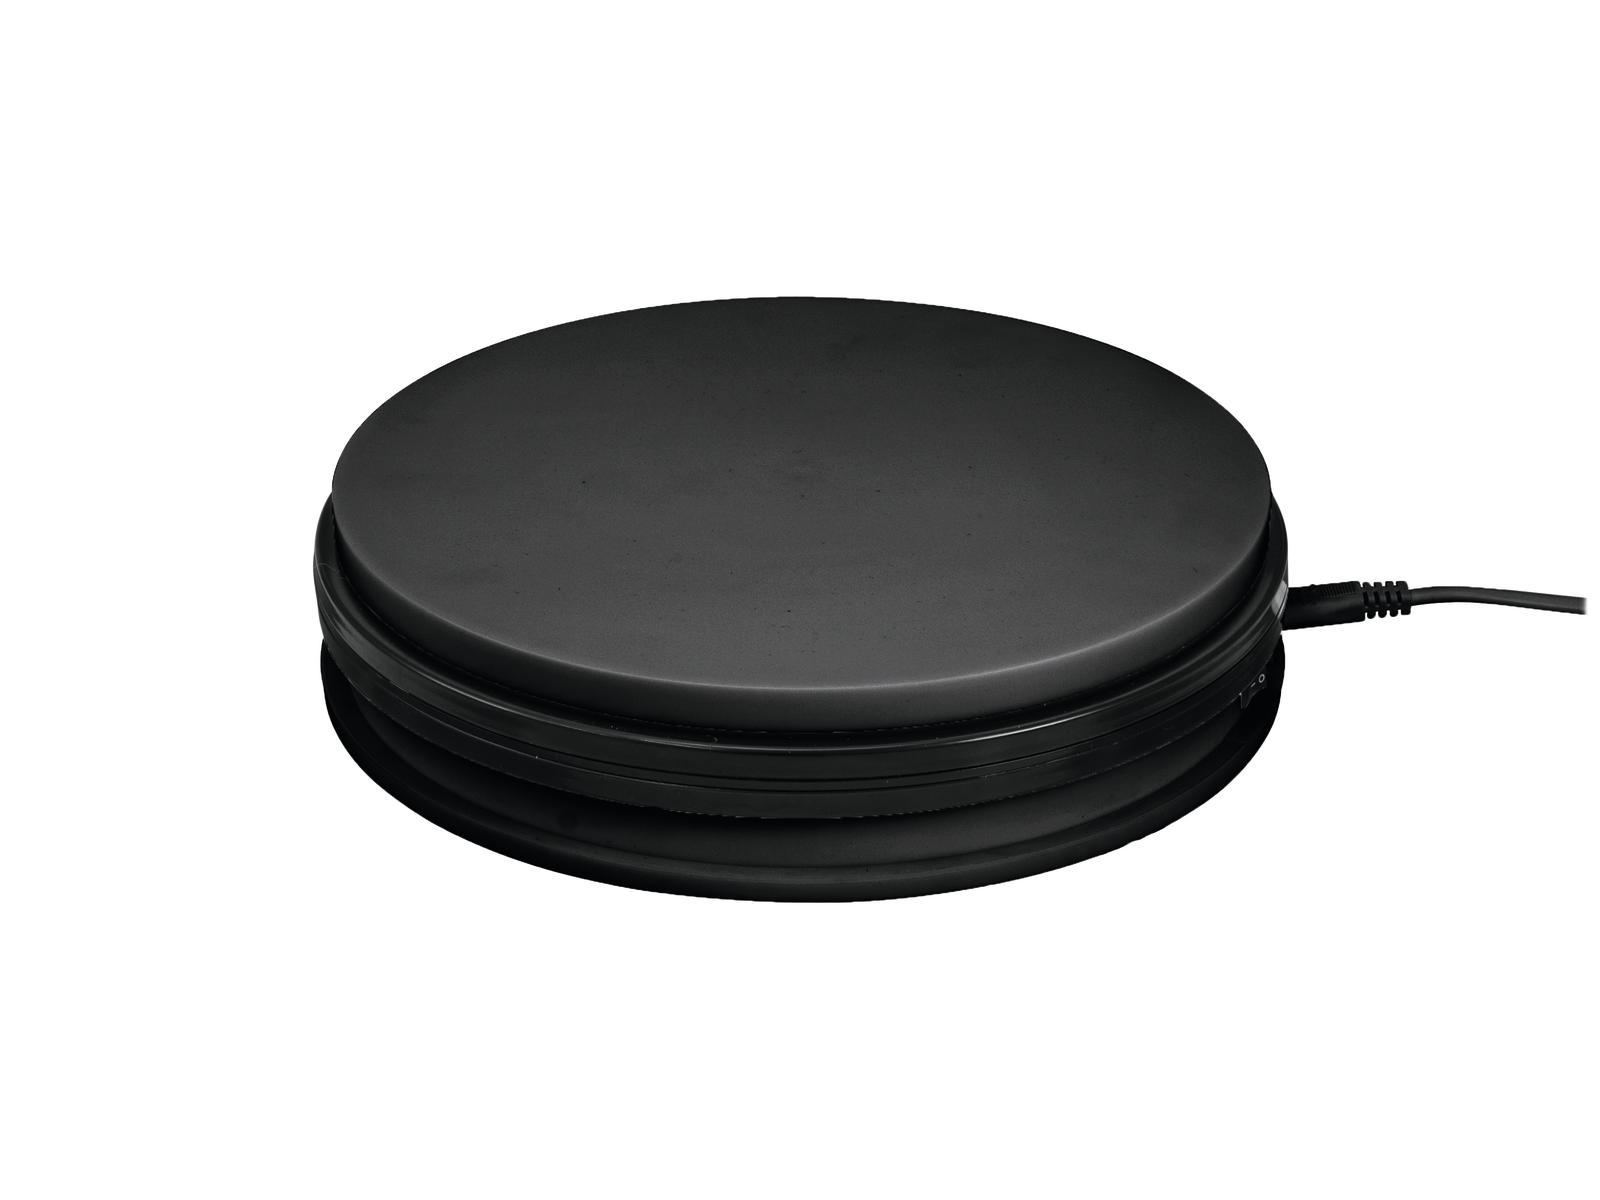 Podstavec rotační 450mm, do 50kg, 0,5 o/min, černý